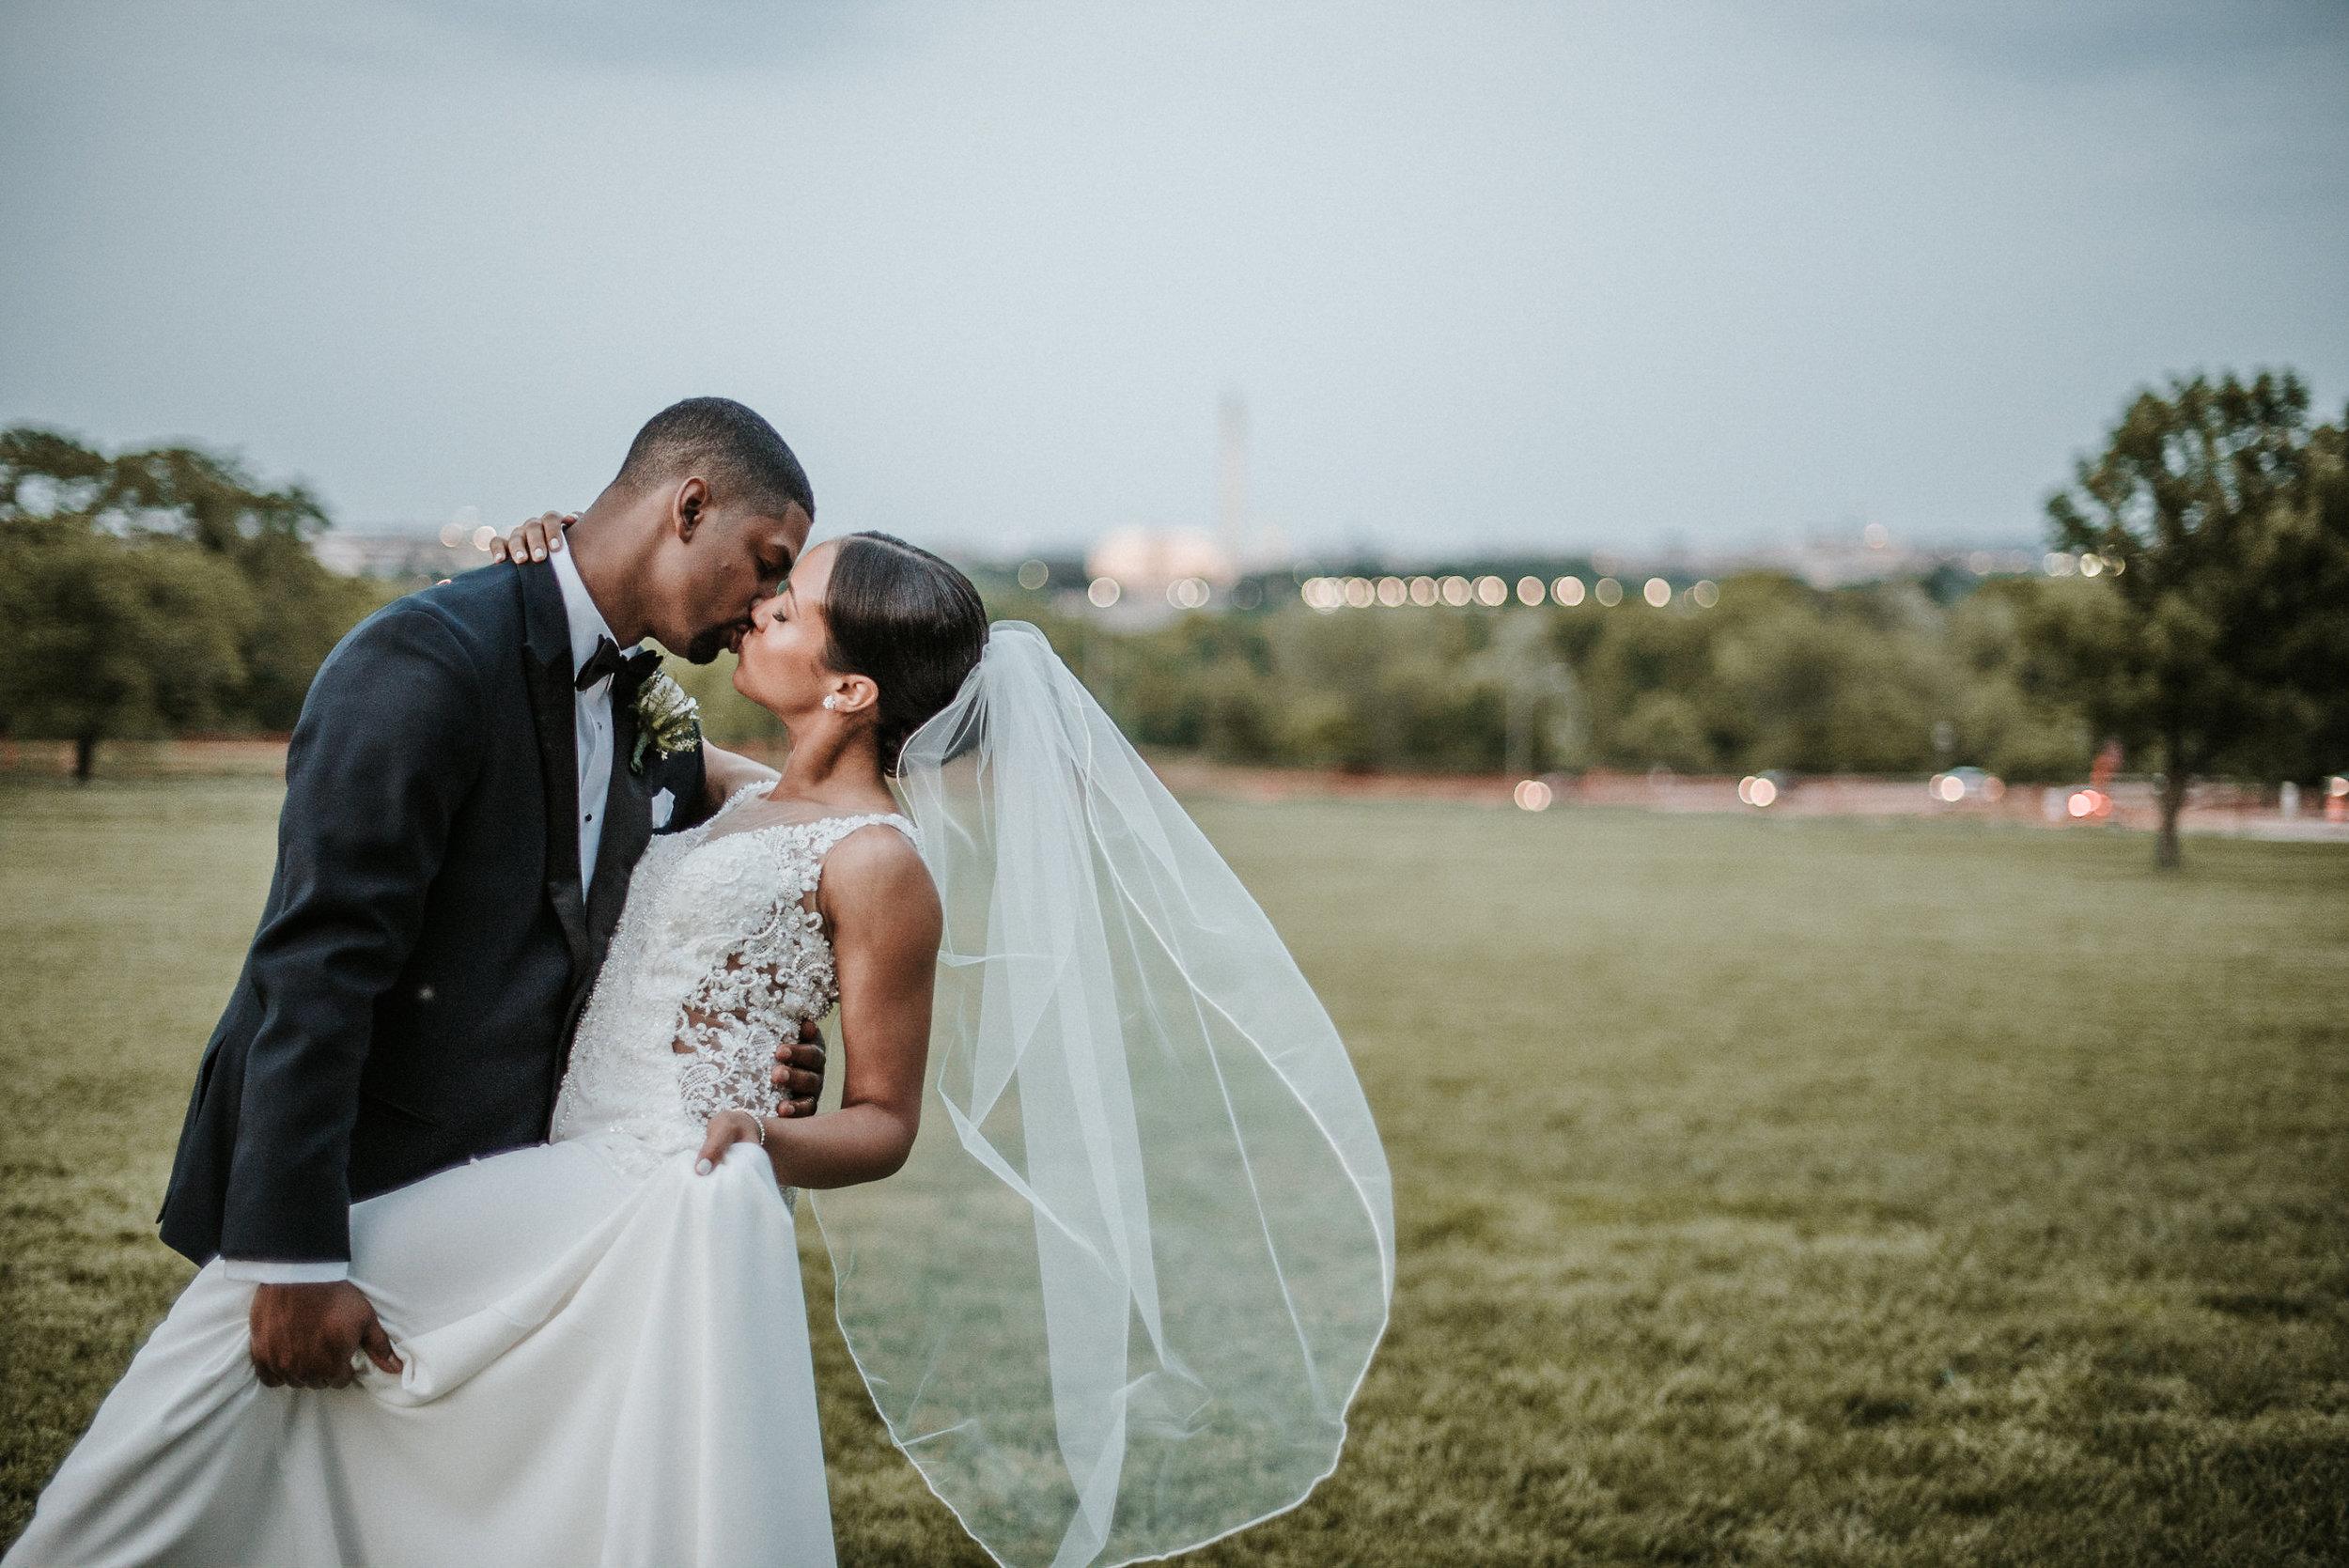 Groom dipping bride in kiss